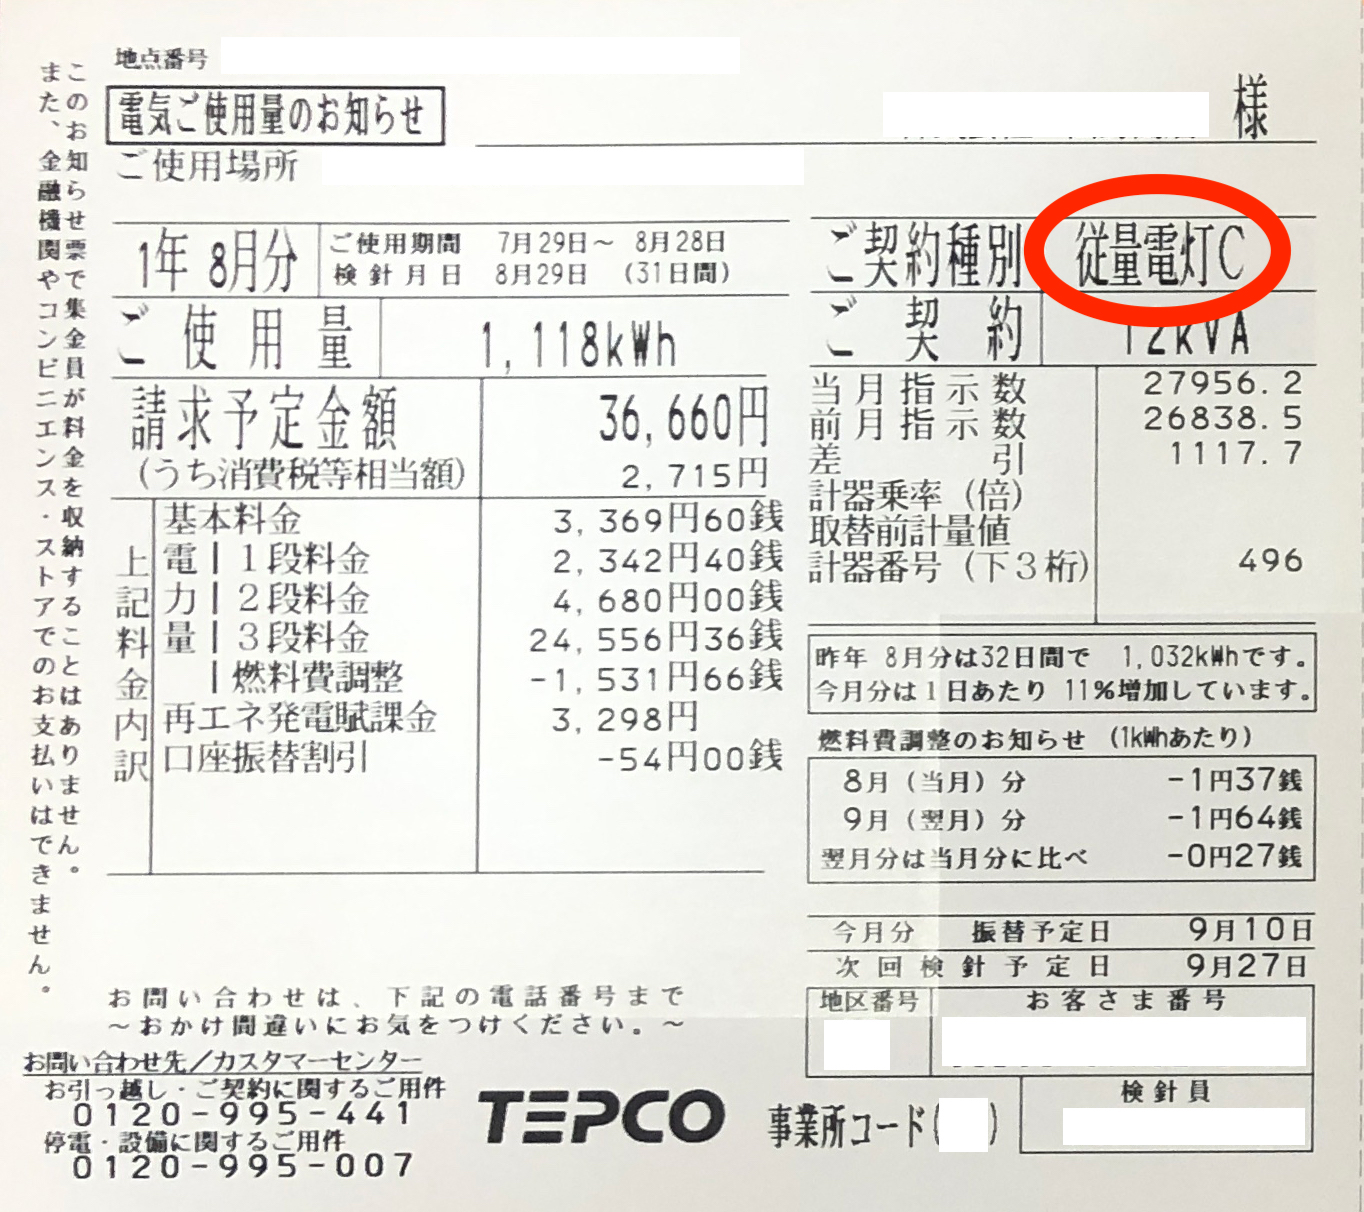 パートナー 問い合わせ 電力 エナジー 東京